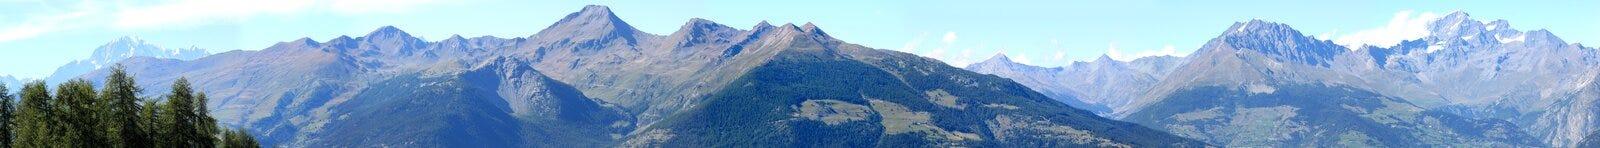 Montanhas do parque nacional Gran Paradiso, Italy imagem de stock royalty free